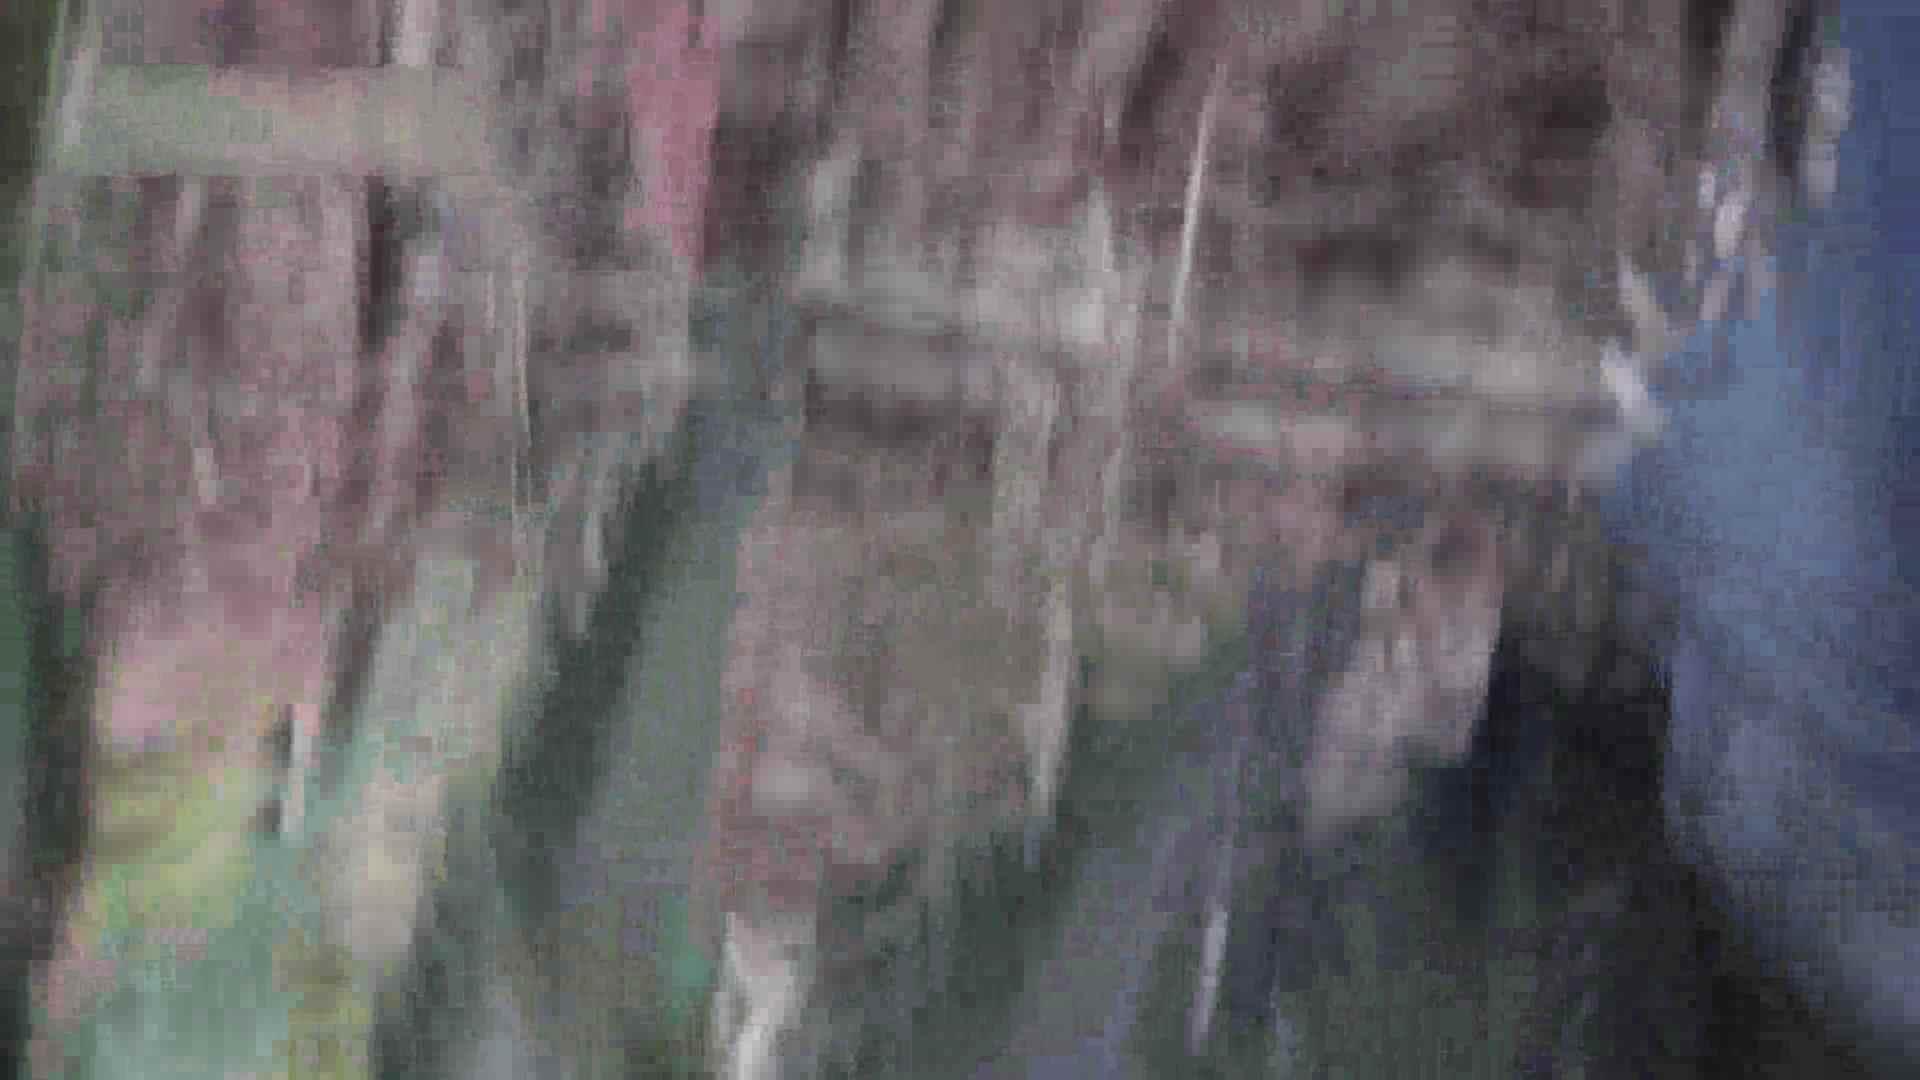 森林浴とオナニー スリム美少年系ジャニ系  92枚 21